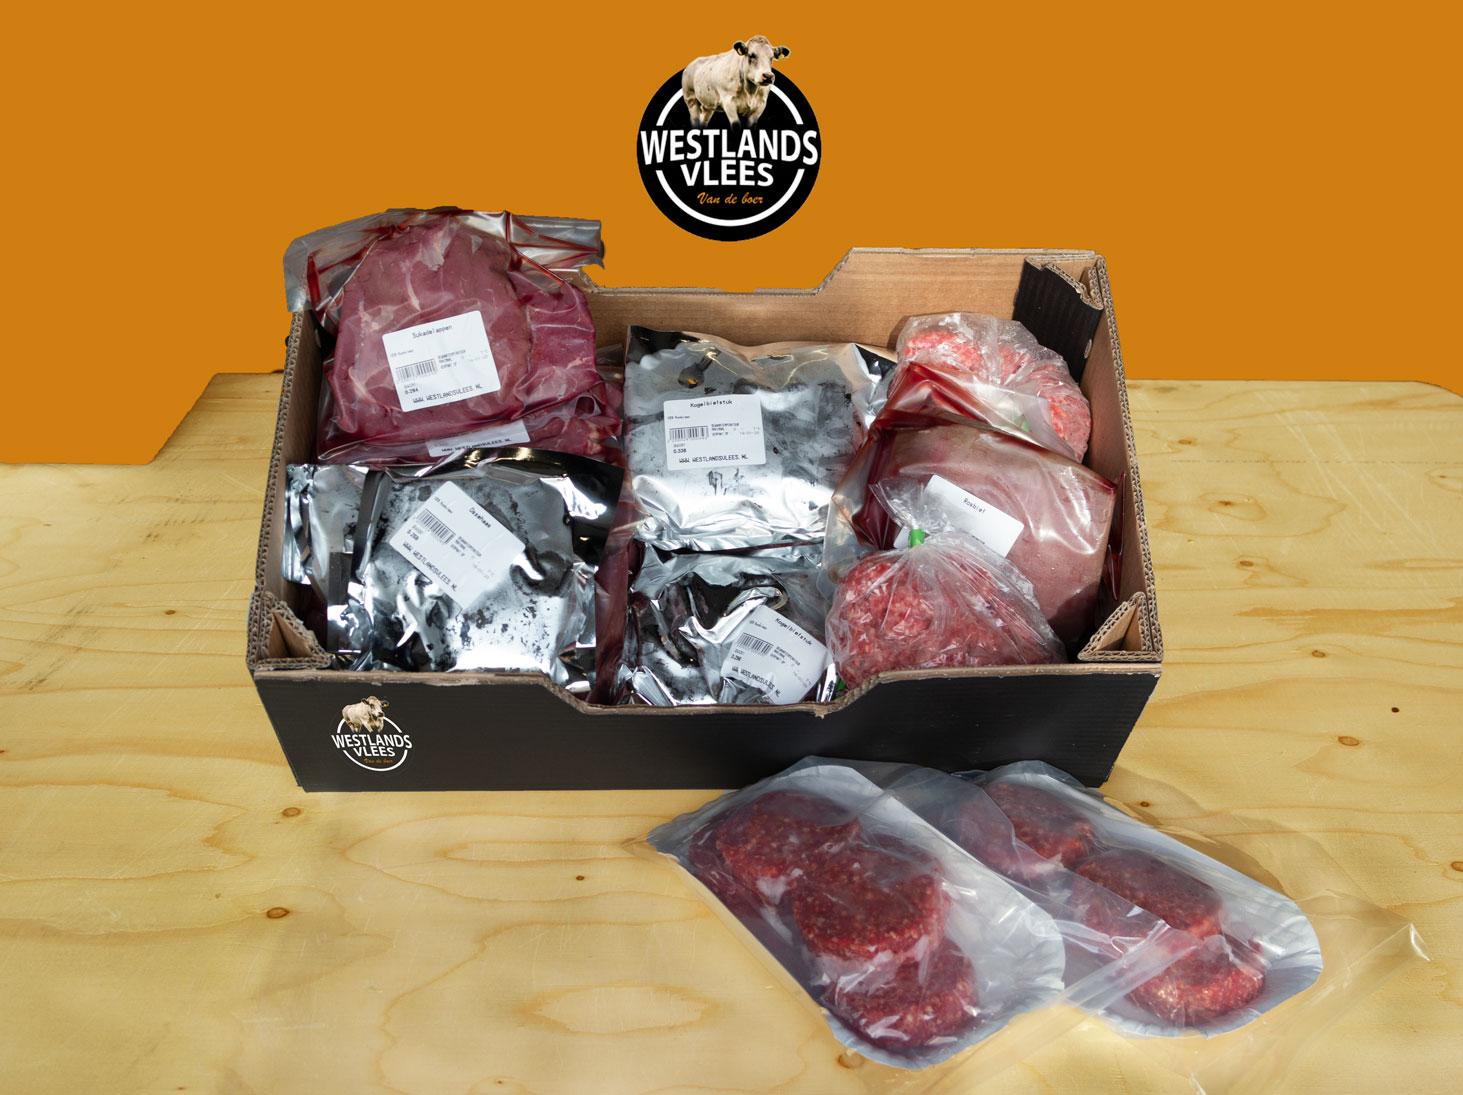 Vleespakket rund groot 11 tot 13 kilo Westland